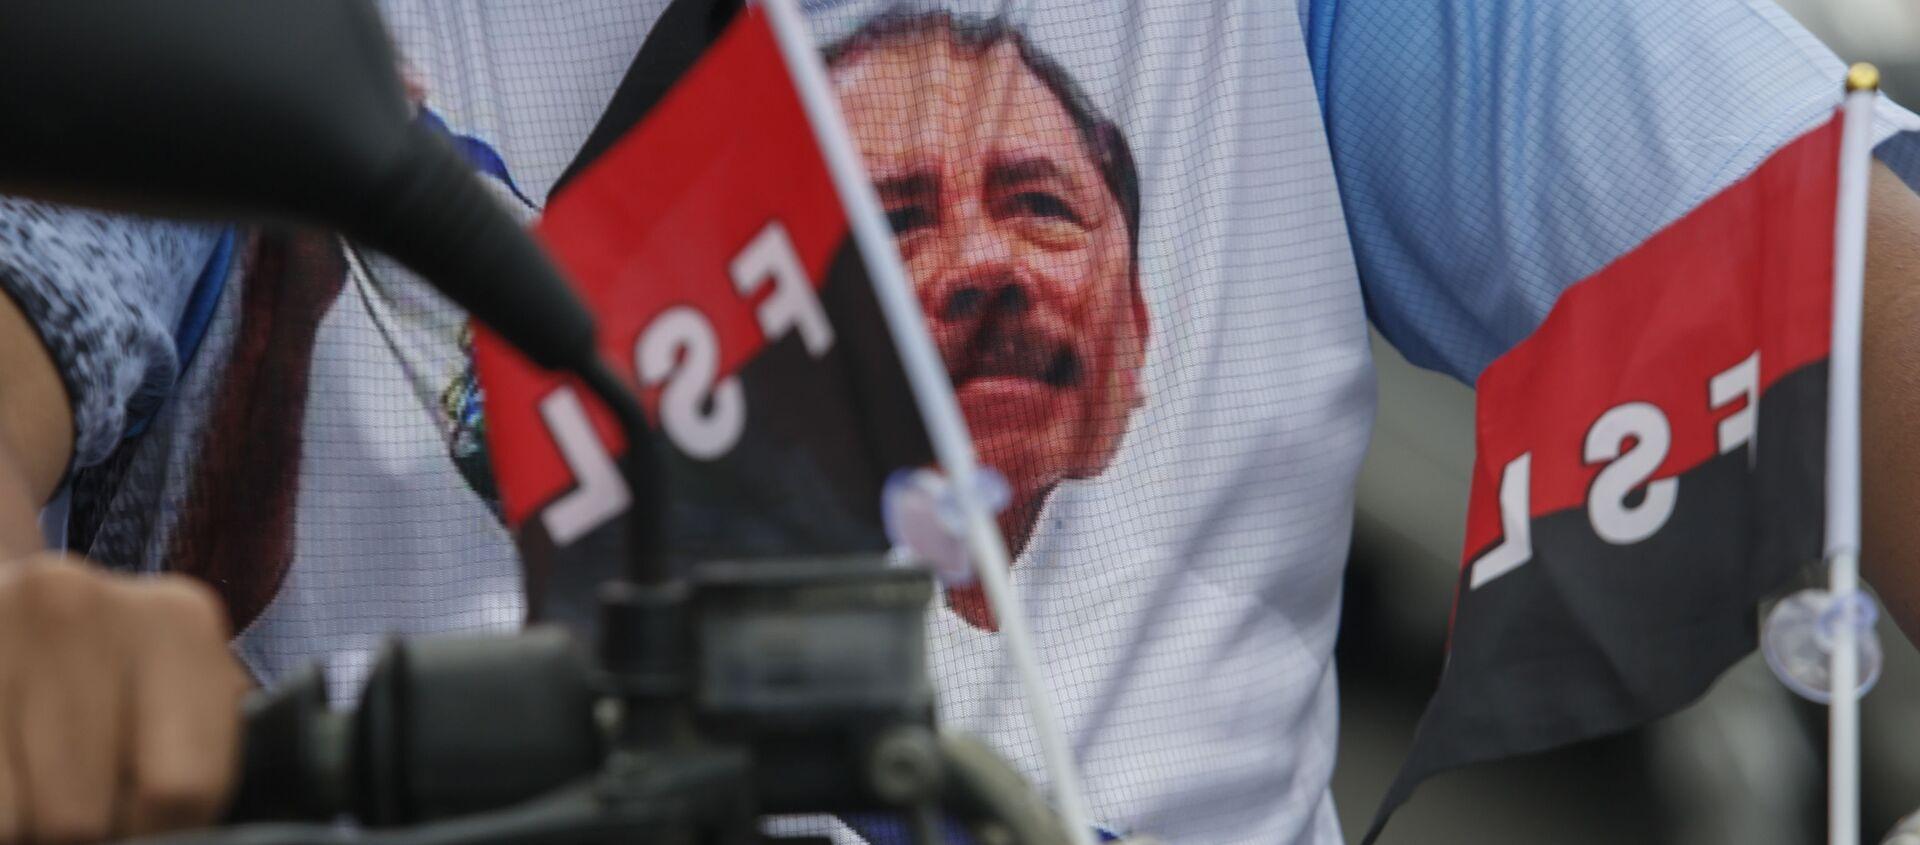 Celebración del 40 aniversario de la Revolución sandinista en Nicaragüa - Sputnik Mundo, 1920, 19.07.2019